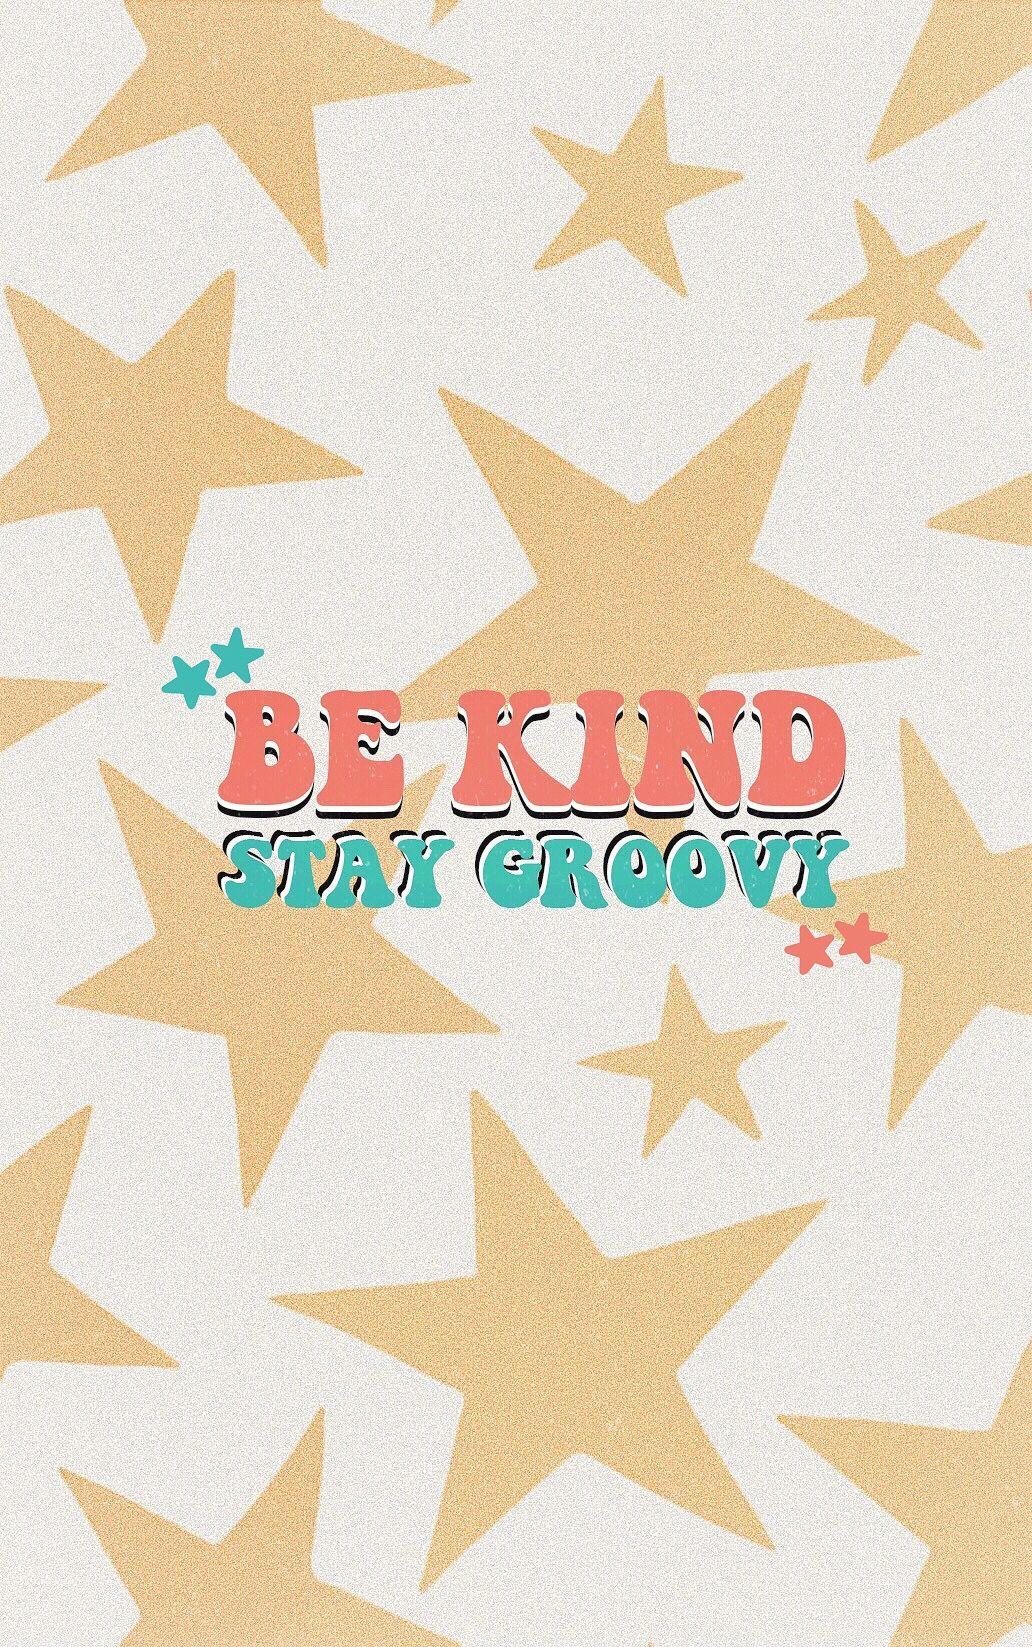 Be Kind Stay Groovy Fun Little Art By Me Happy Wallpaper Summer Chalkboard Art Aesthetic Iphone Wallpaper